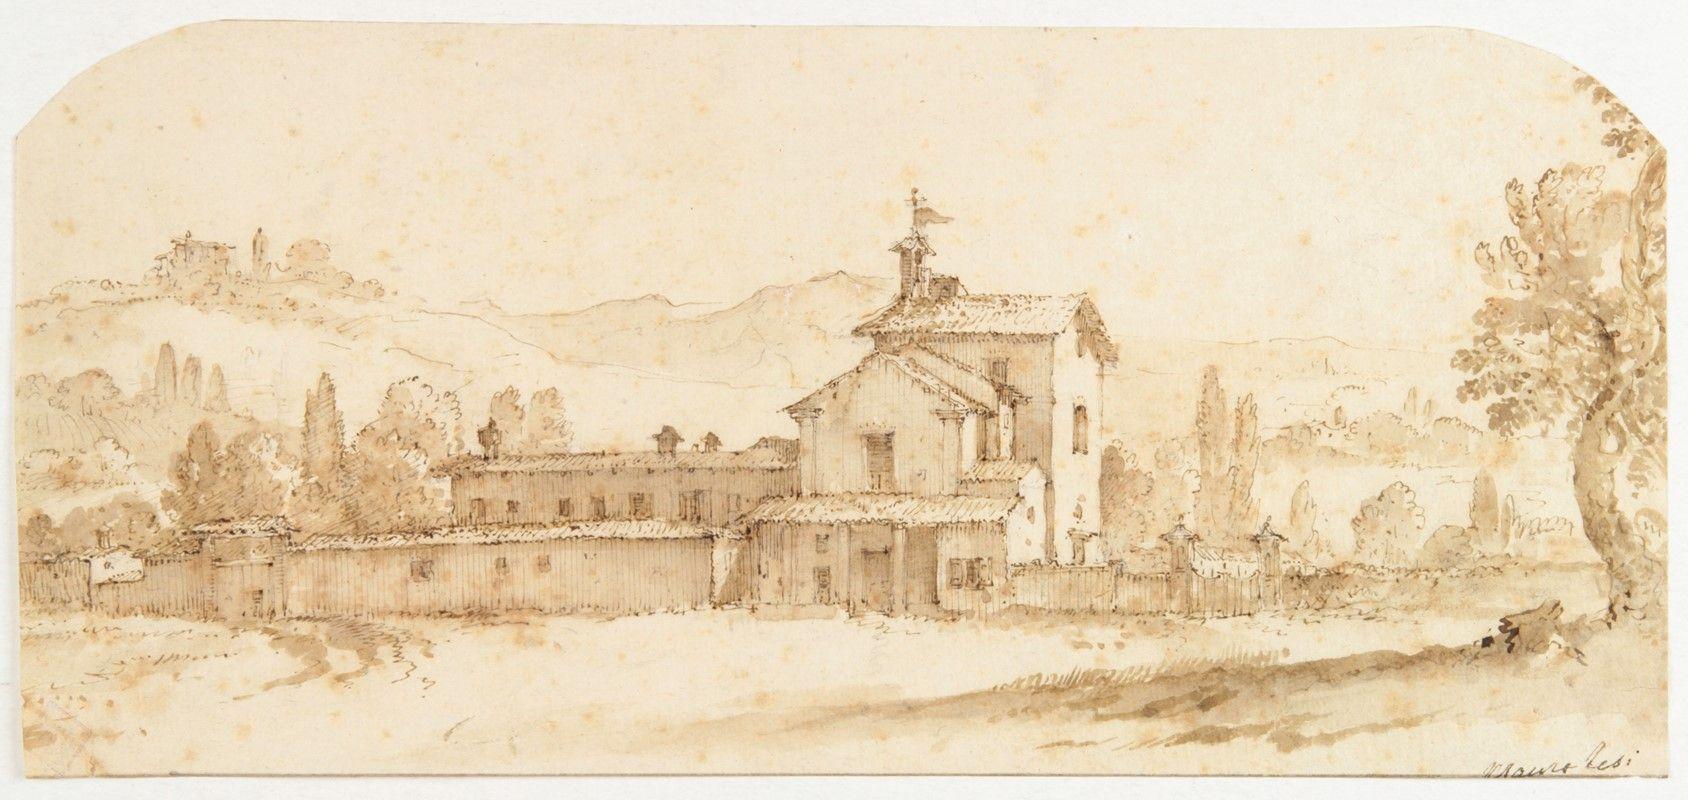 Mauro tesi montalbano 1730 bologna 1766 veduta di for Disegni di cabina di campagna